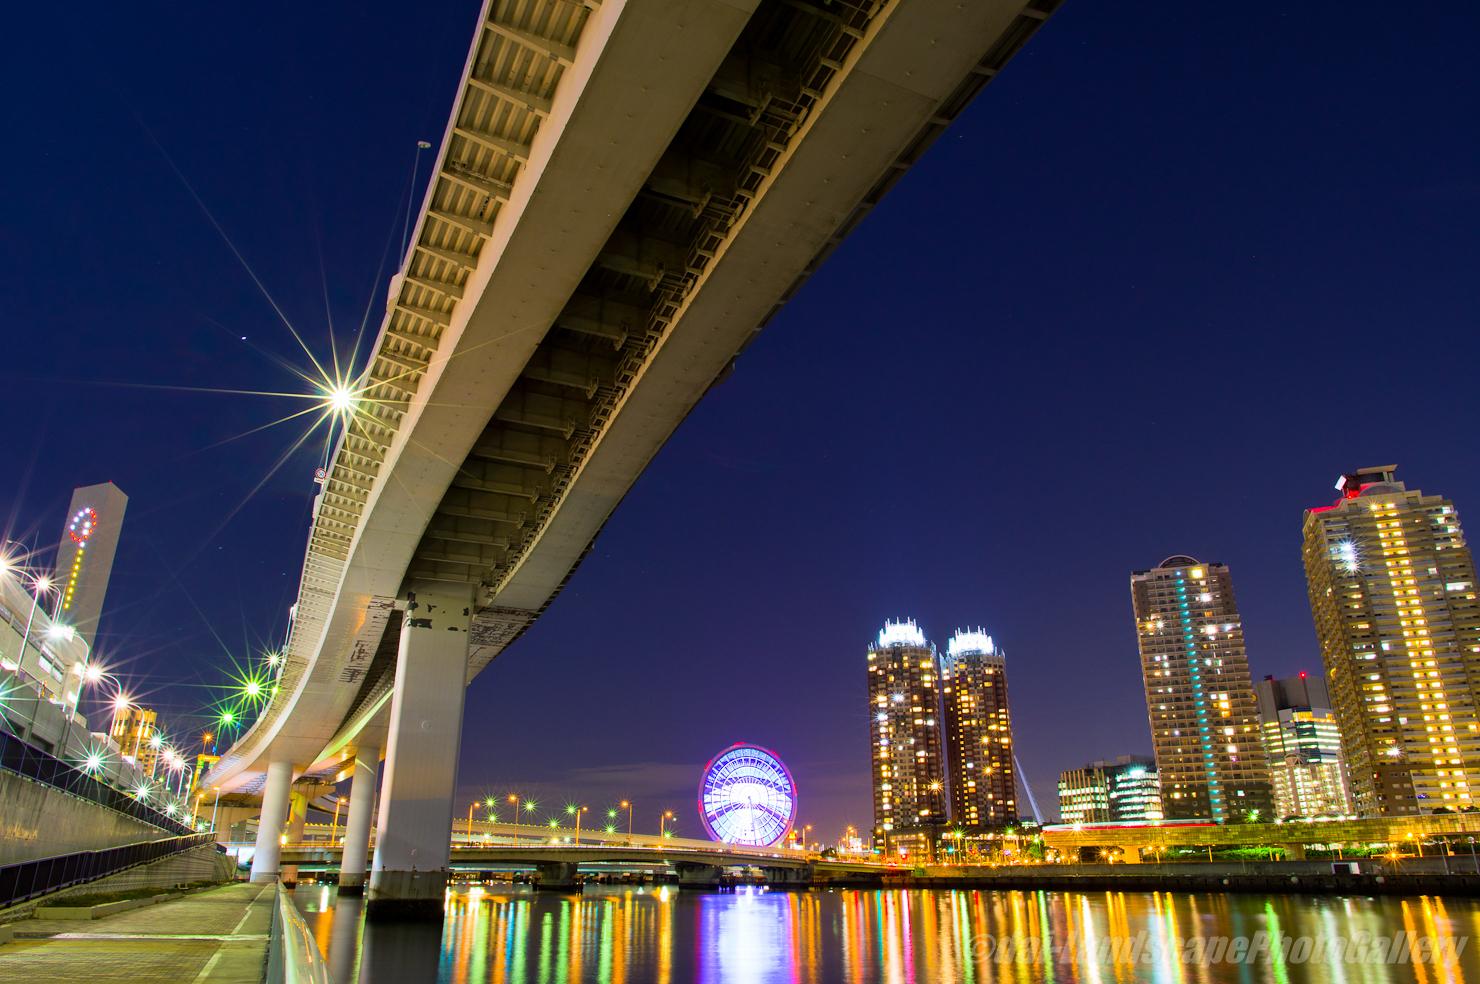 有明西運河沿いの夜景